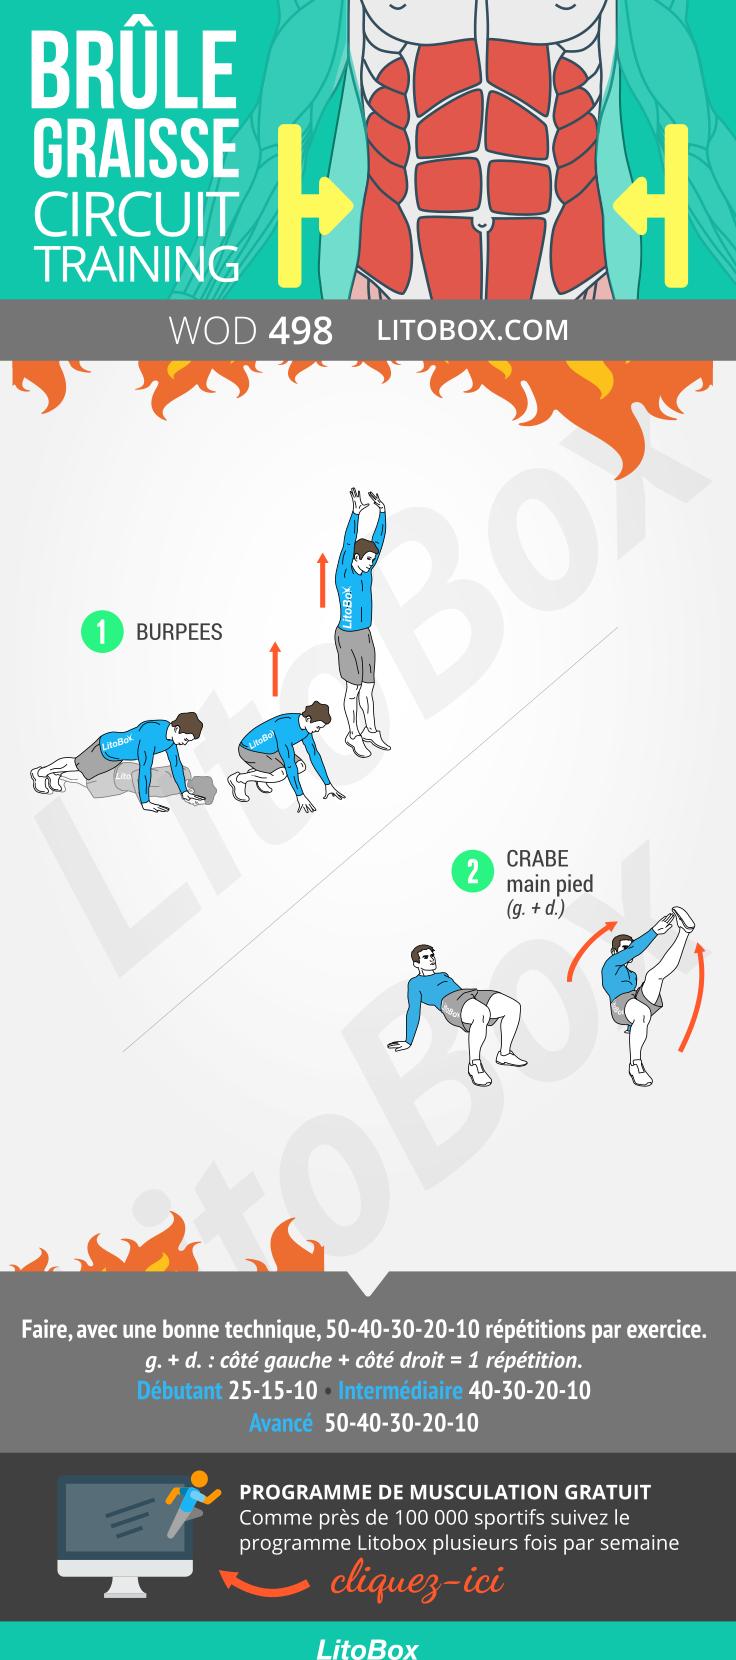 Les supersets, plus de gains musculaires de vos entraînements Espace Corps Esprit Forme